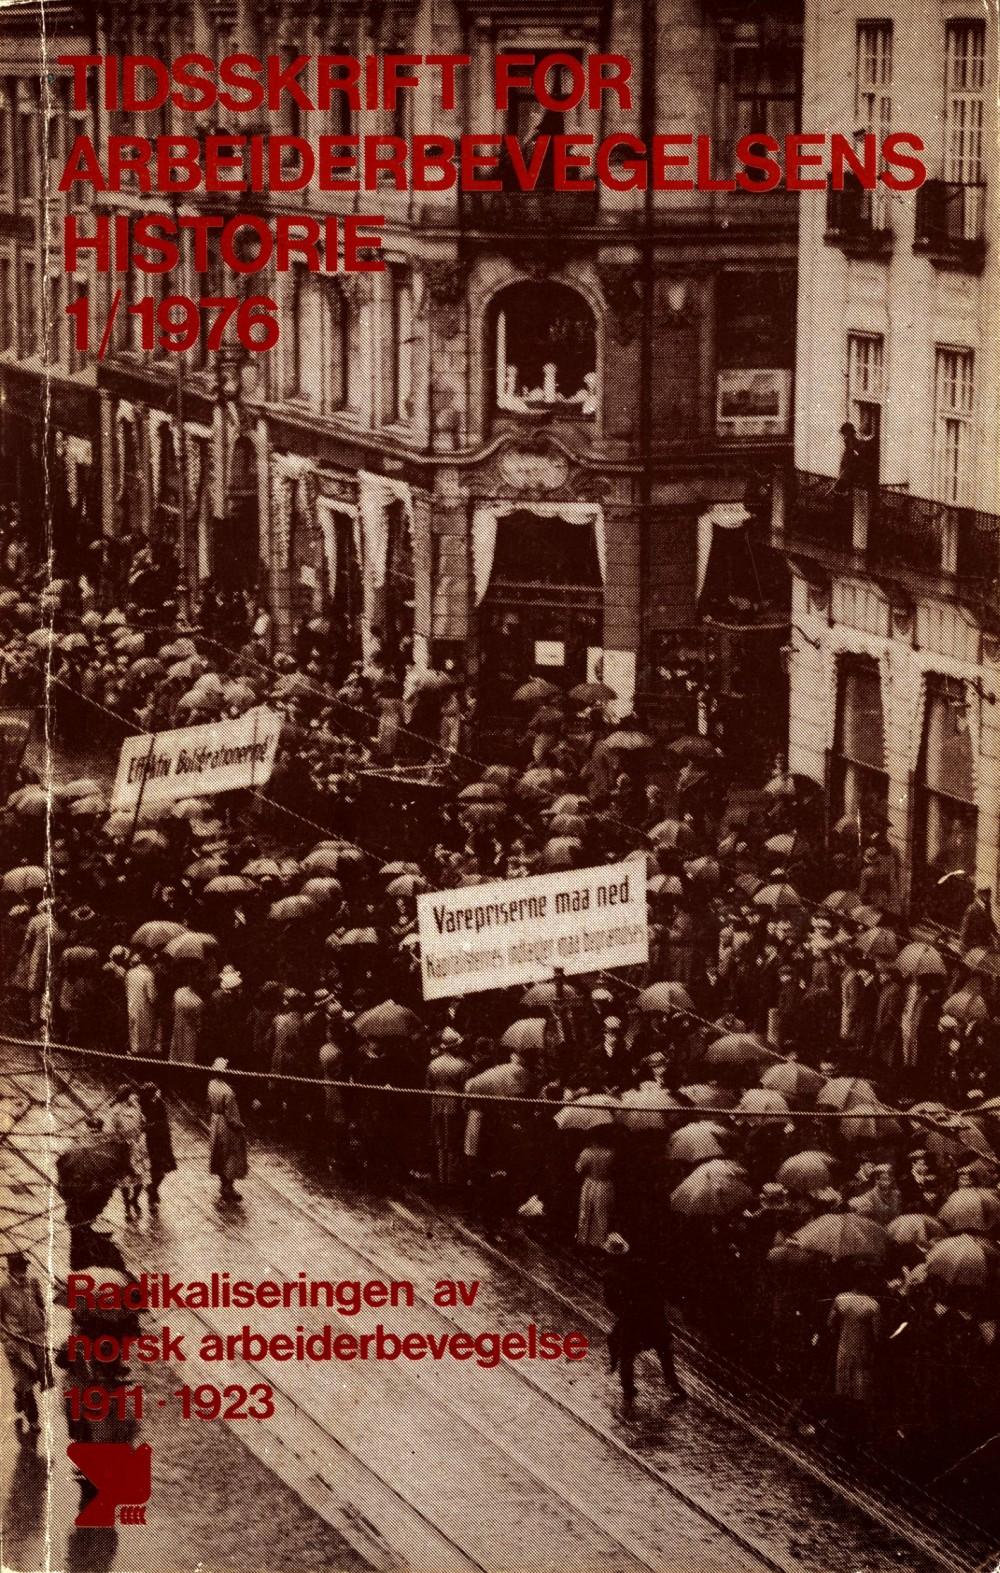 Tidsskrift for arbeiderbevegelsens historie - nr. 1 1976